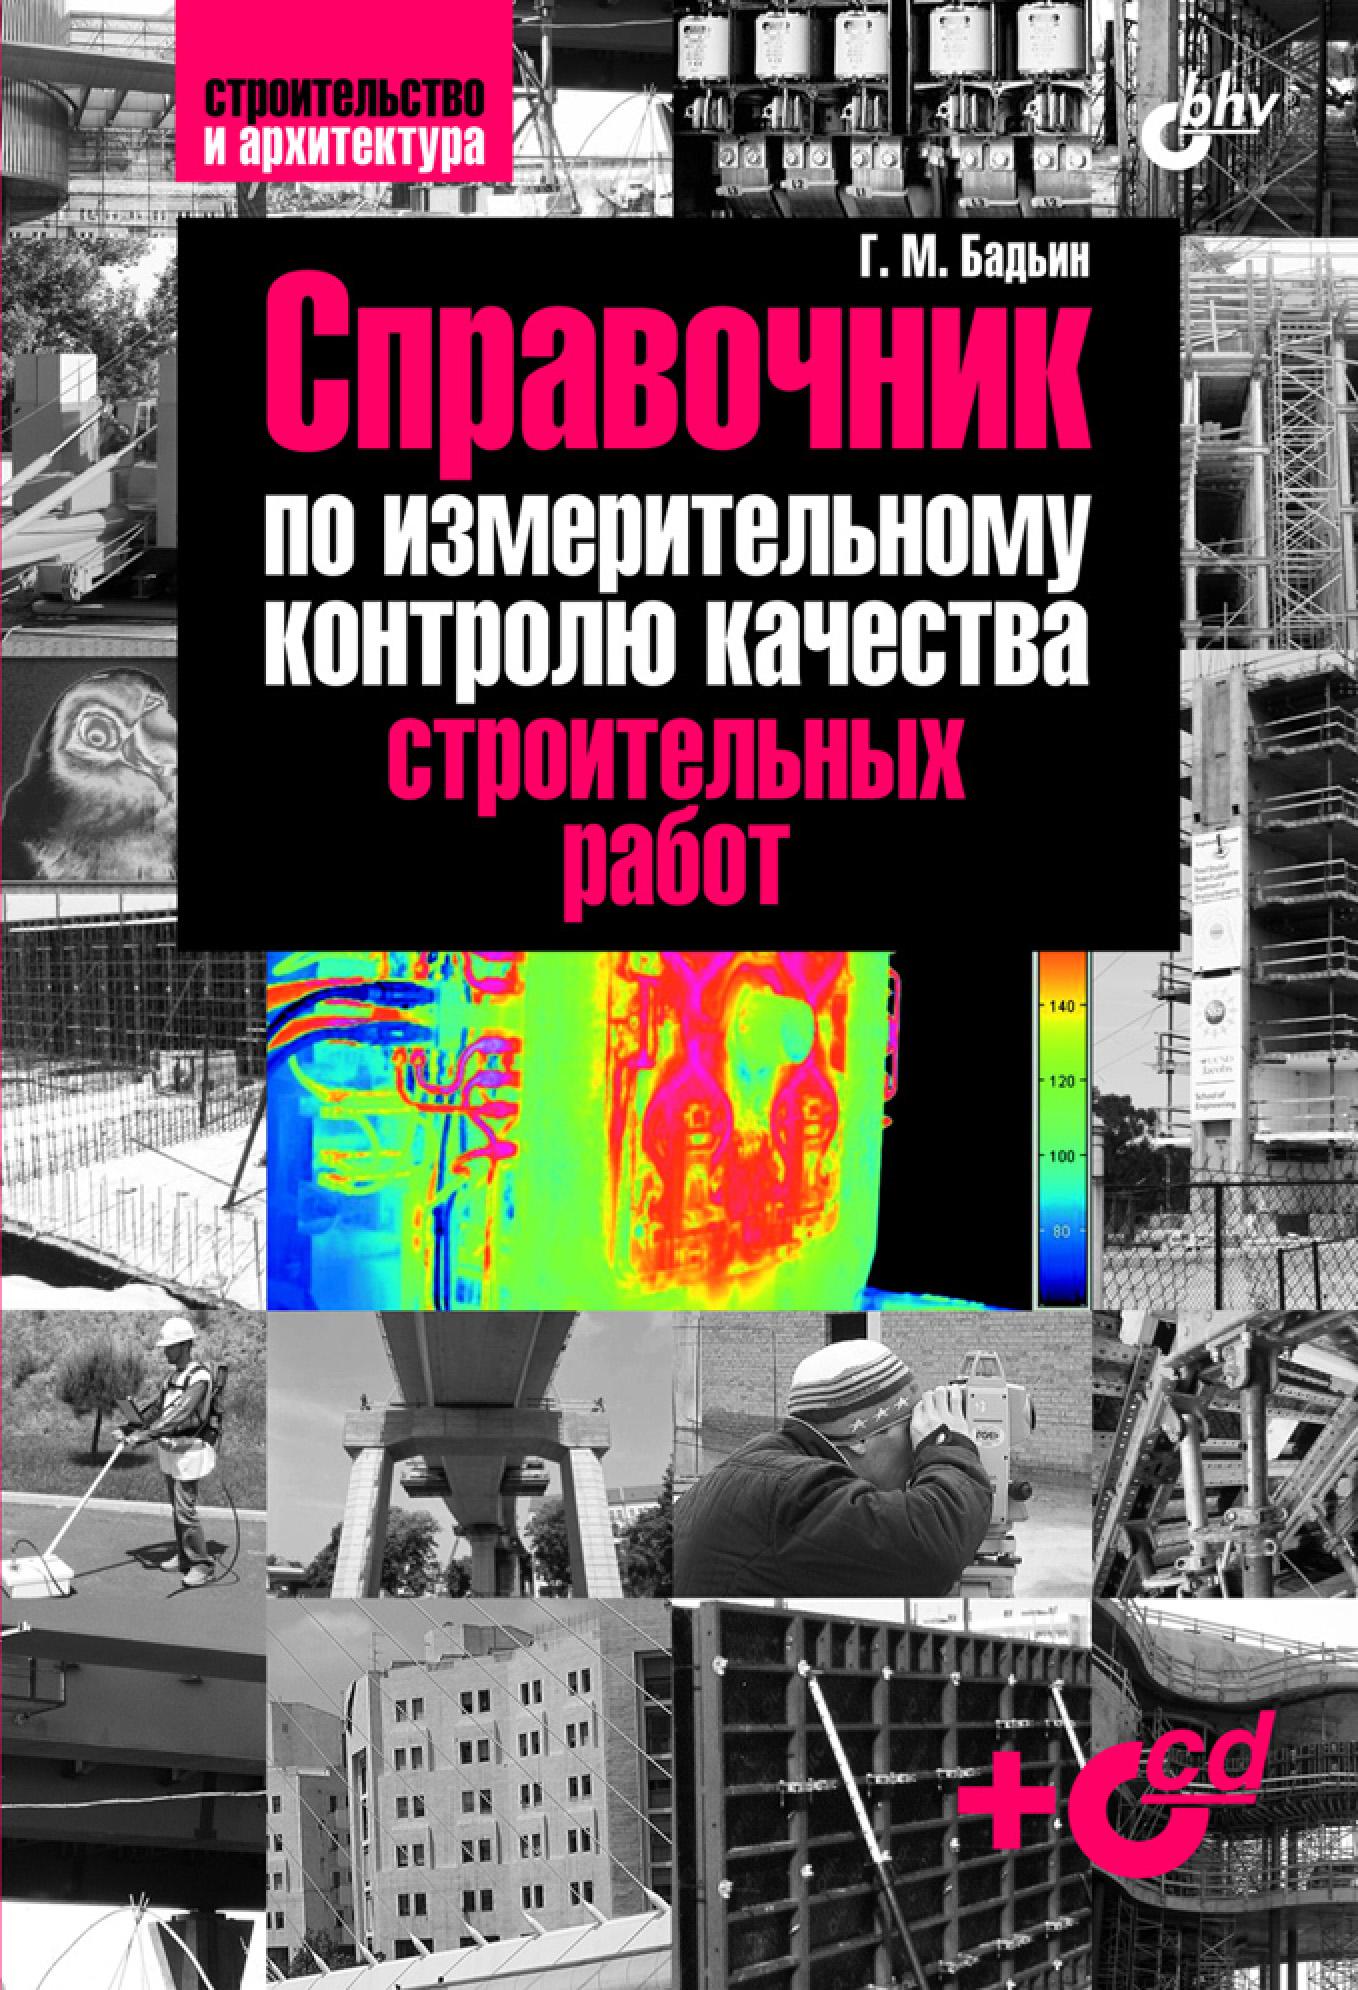 Геннадий Бадьин Справочник по измерительному контролю качества строительных работ